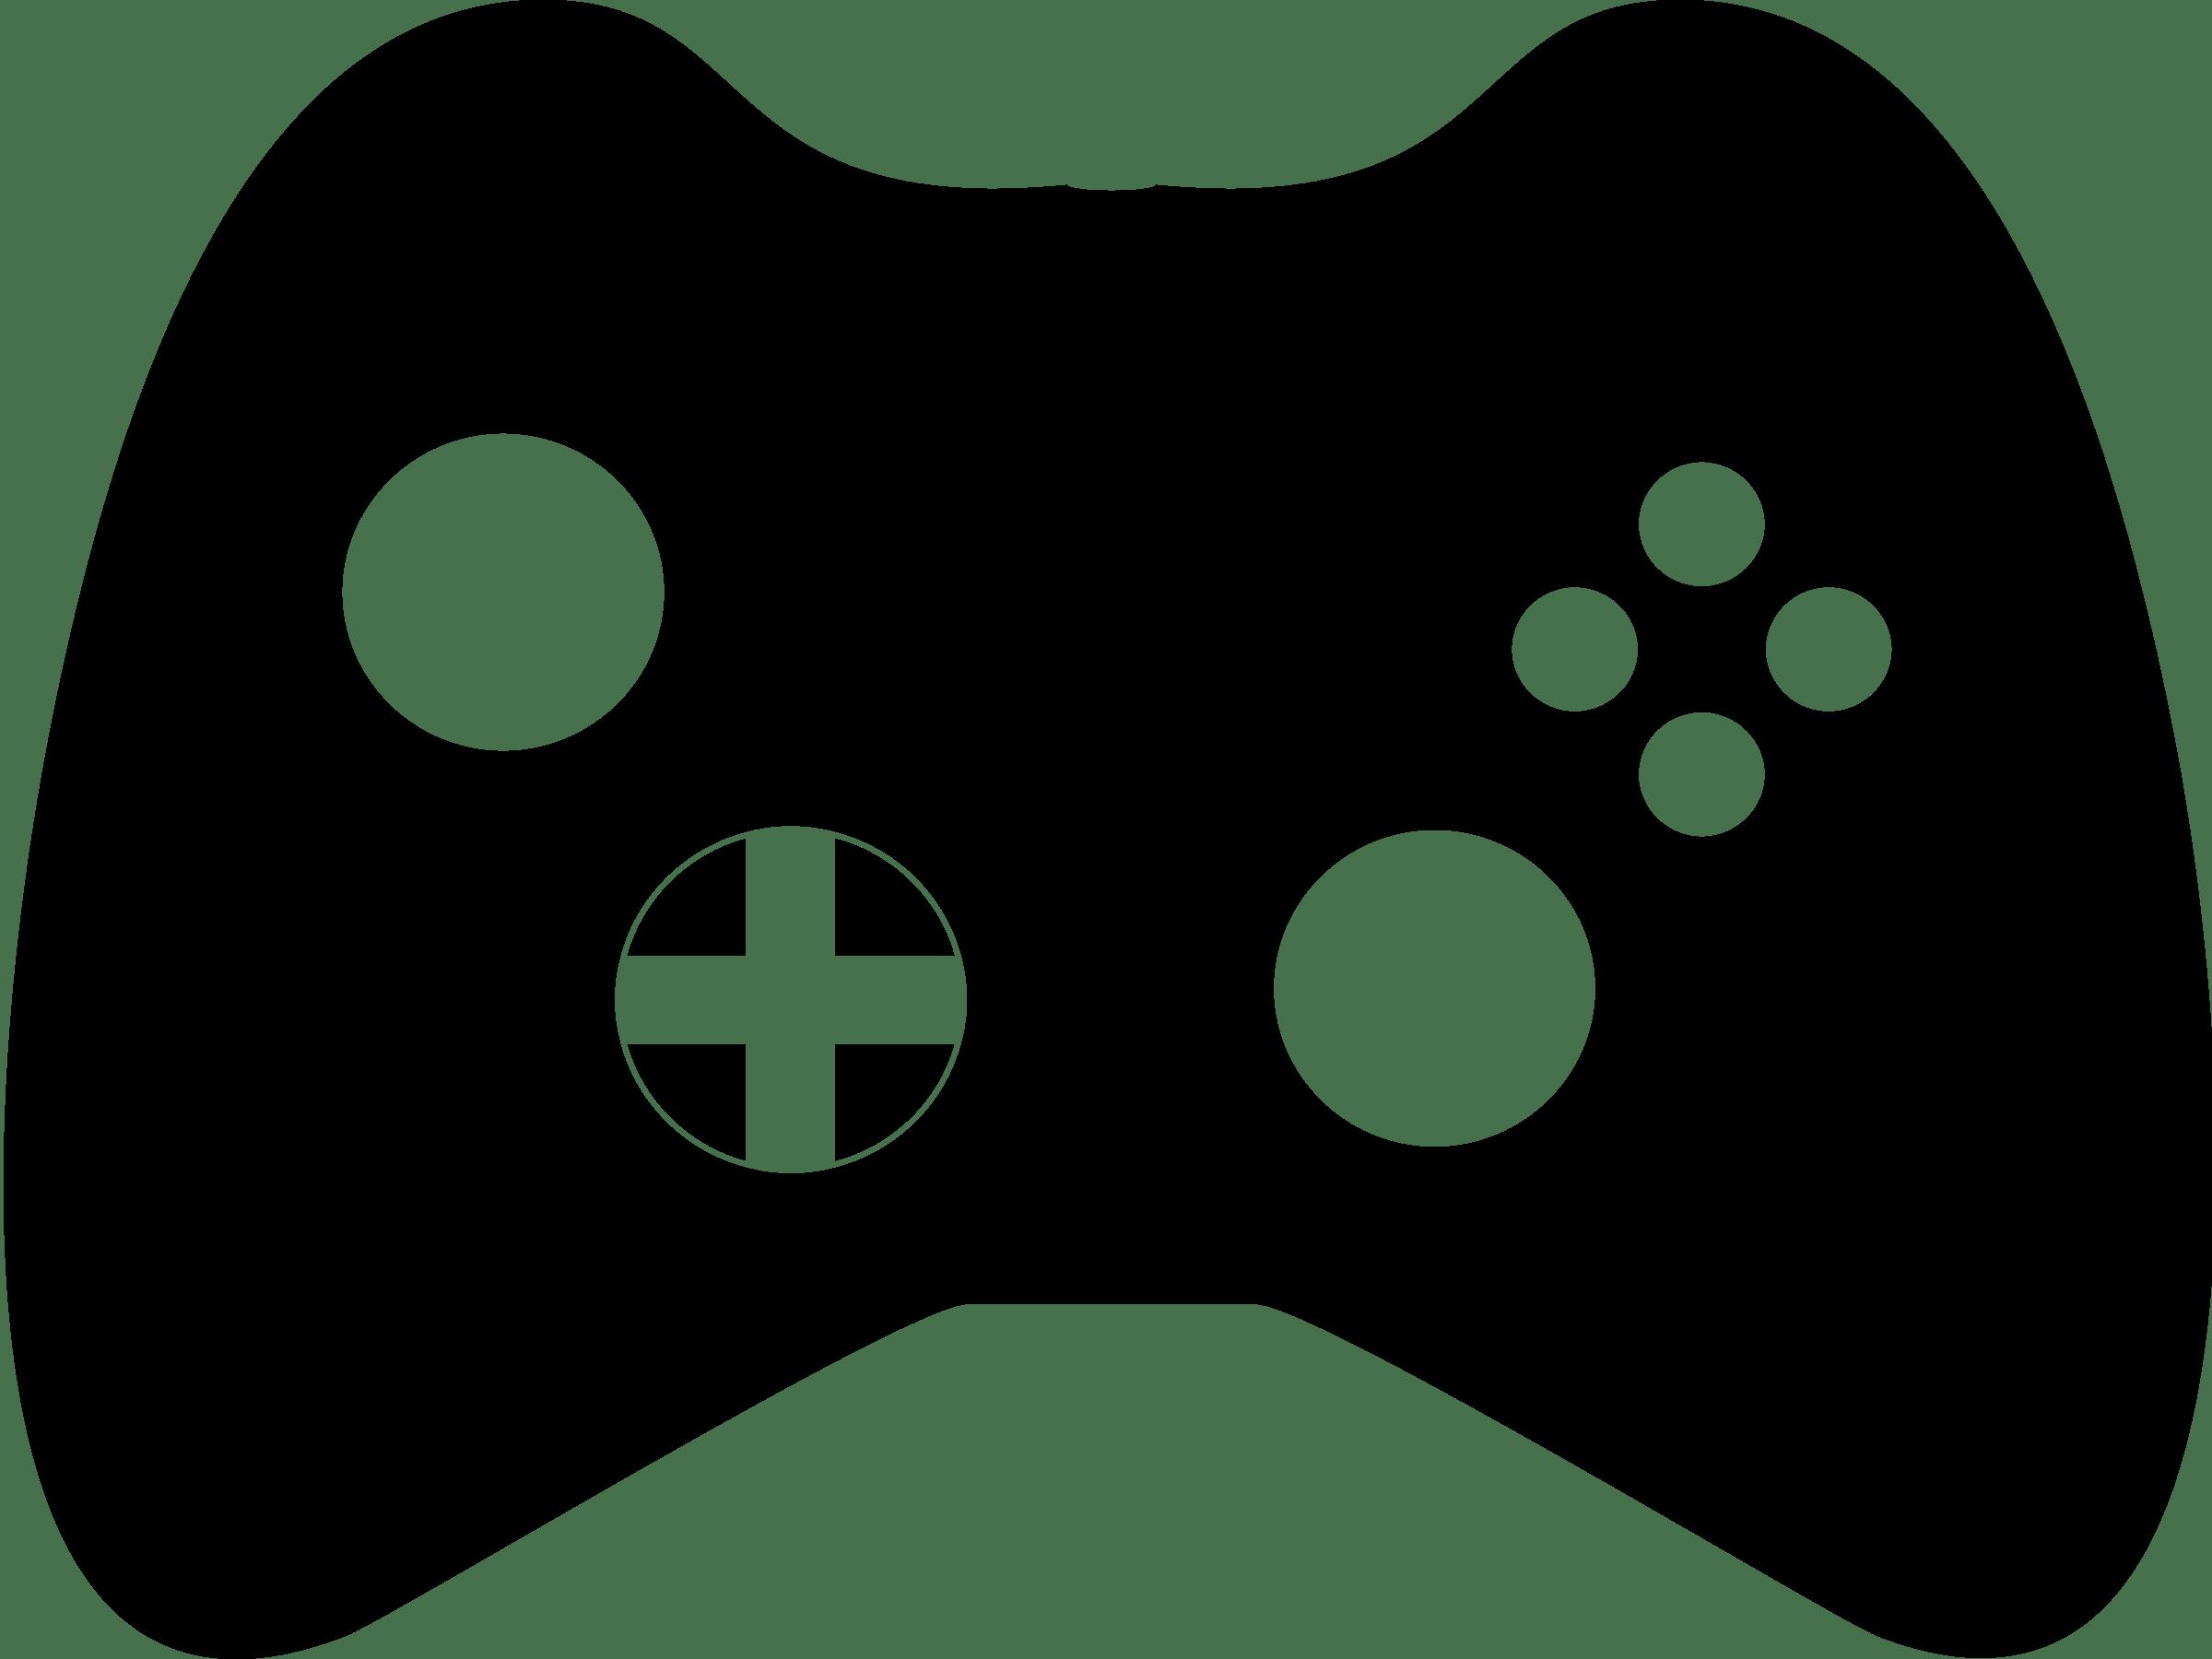 Controller clipart controler. Videogame portal